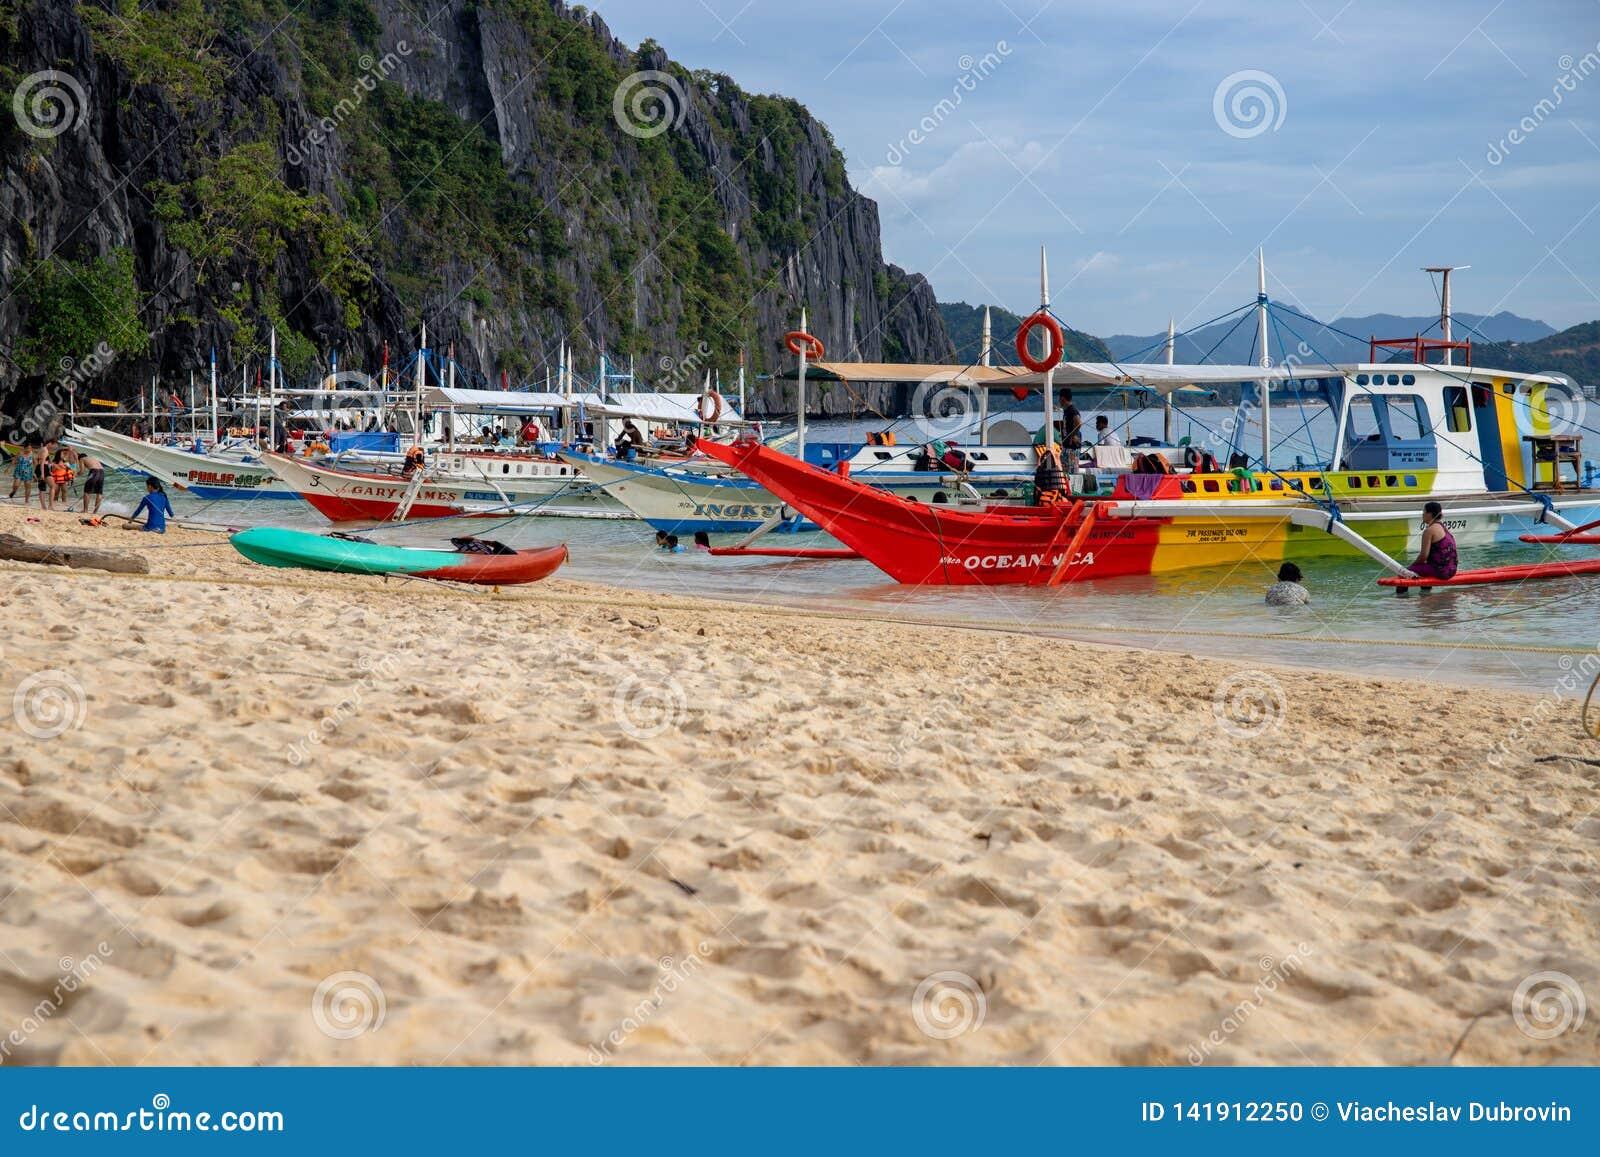 El Nido Filipiny - 20 2018 Nov: morze krajobraz z kolorowymi łodziami i piasek wyrzucać na brzeg Palawan wyspy Idylliczna plaża